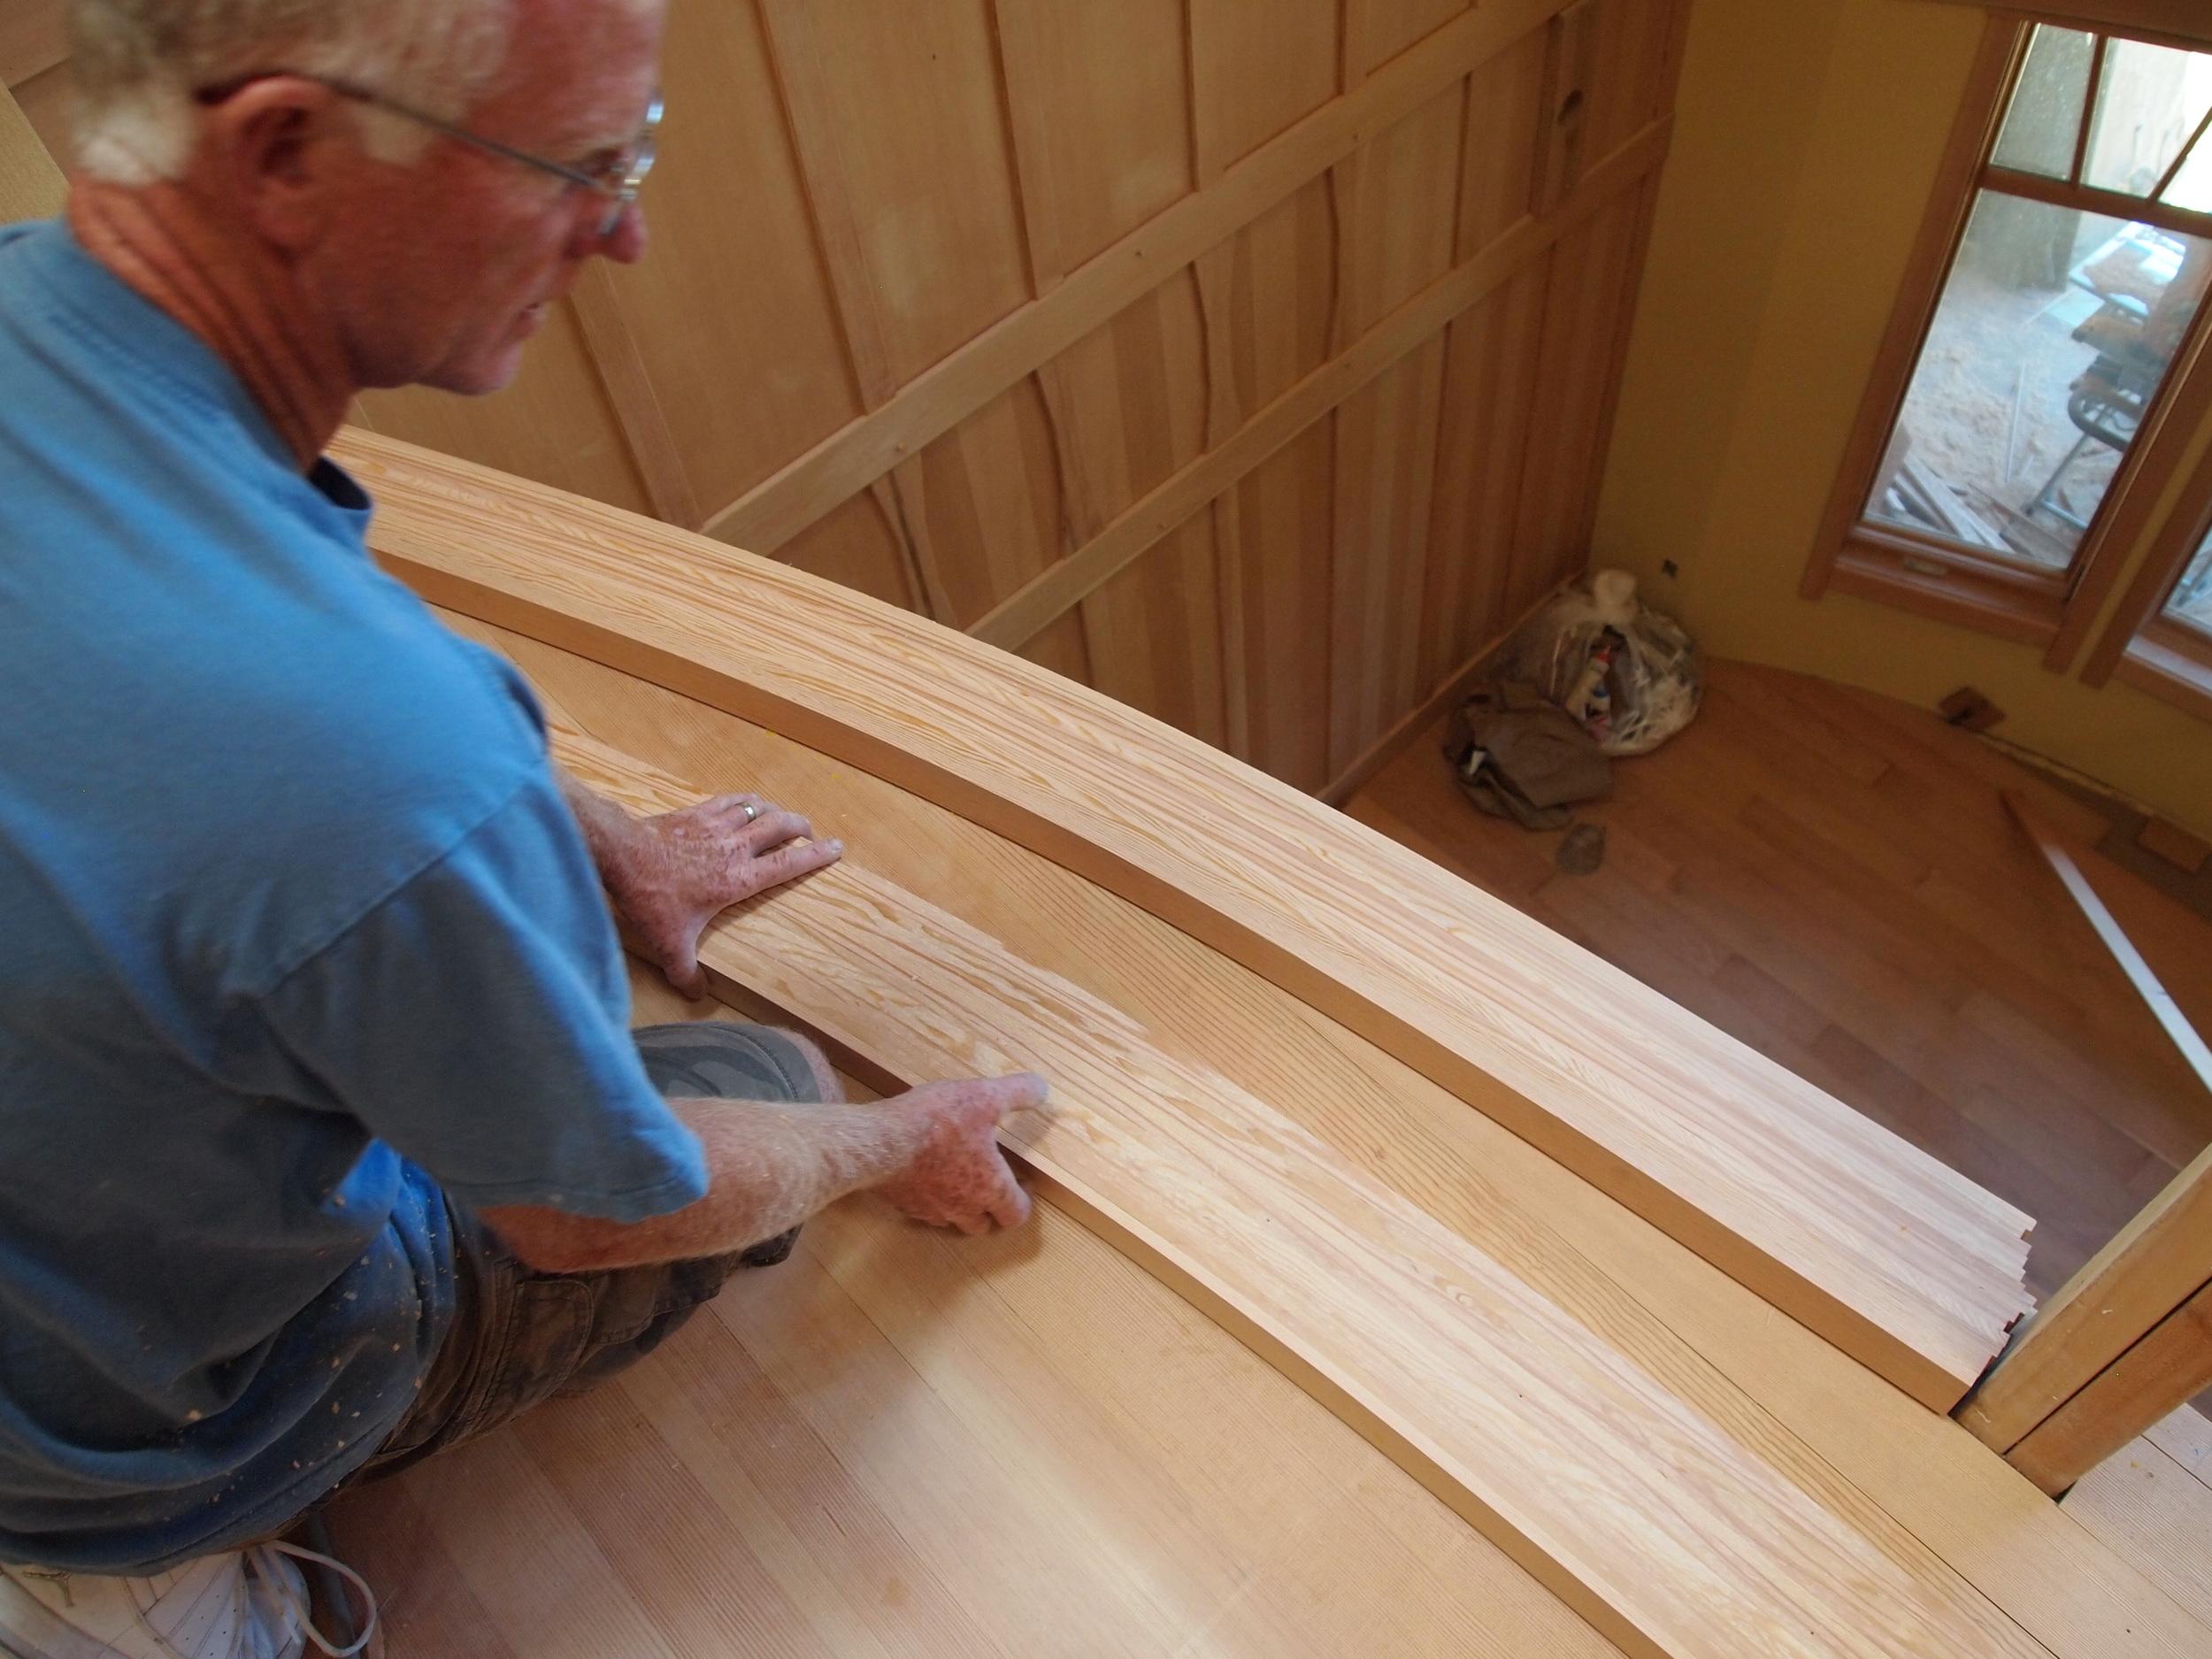 Creating a bowed landing using vertical grain fir